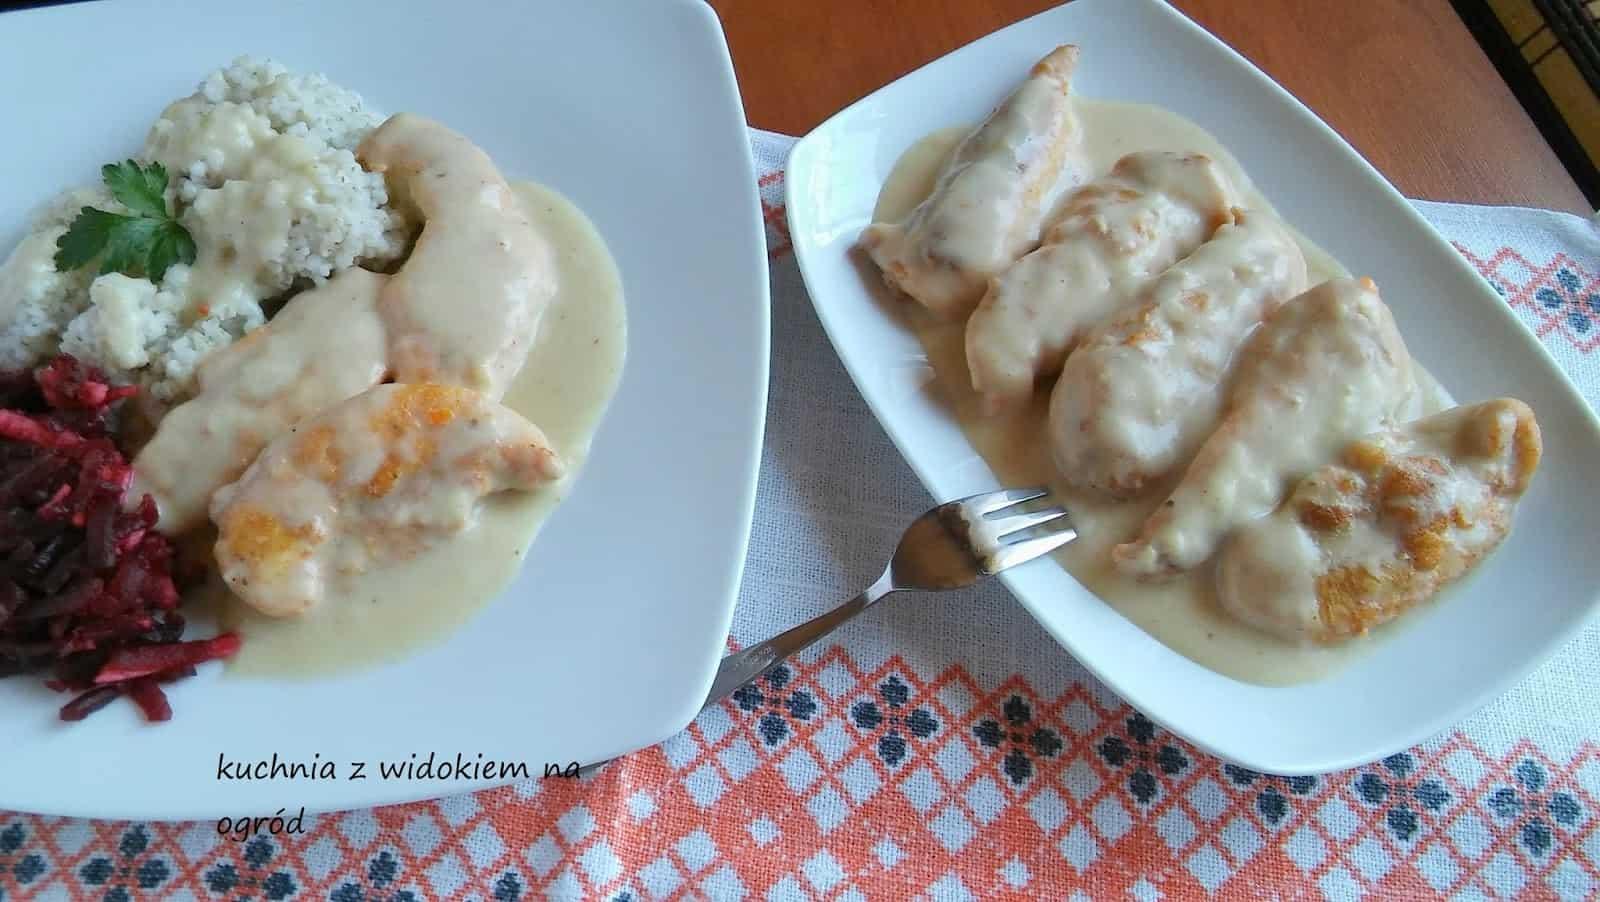 Grillowane polędwiczki z kurczaka w jasnym sosie śmietanowym.